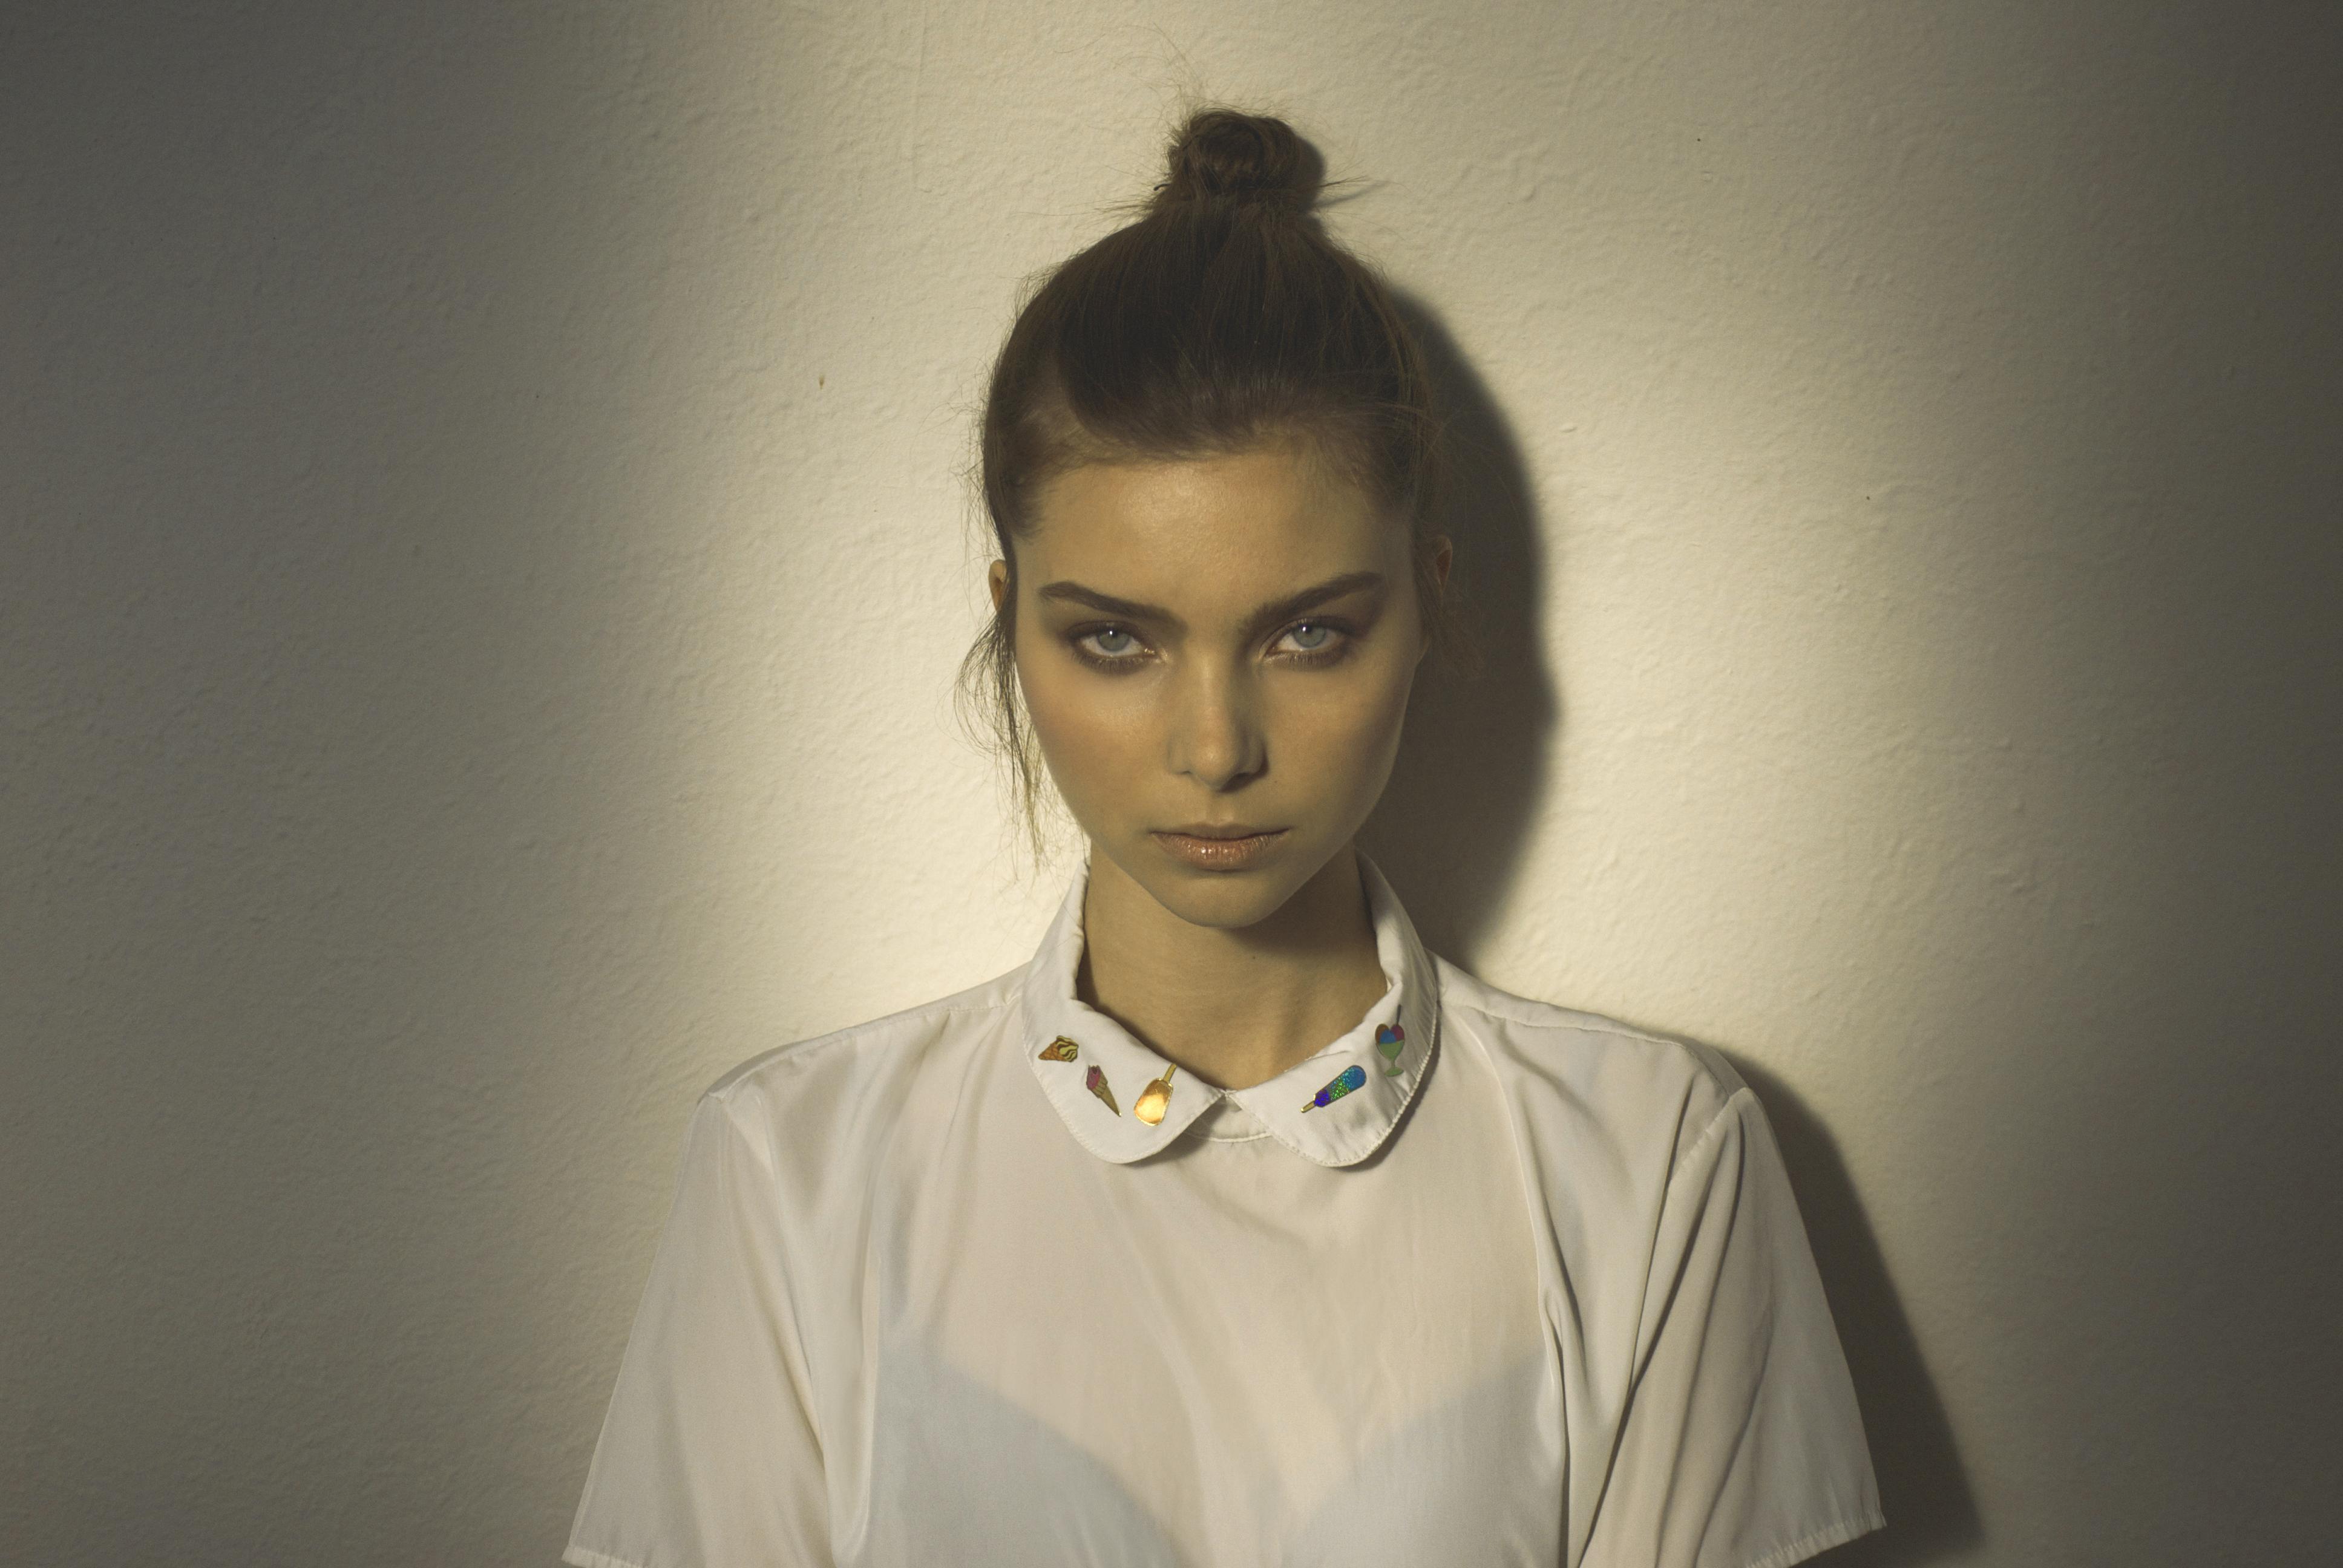 selma@models.com